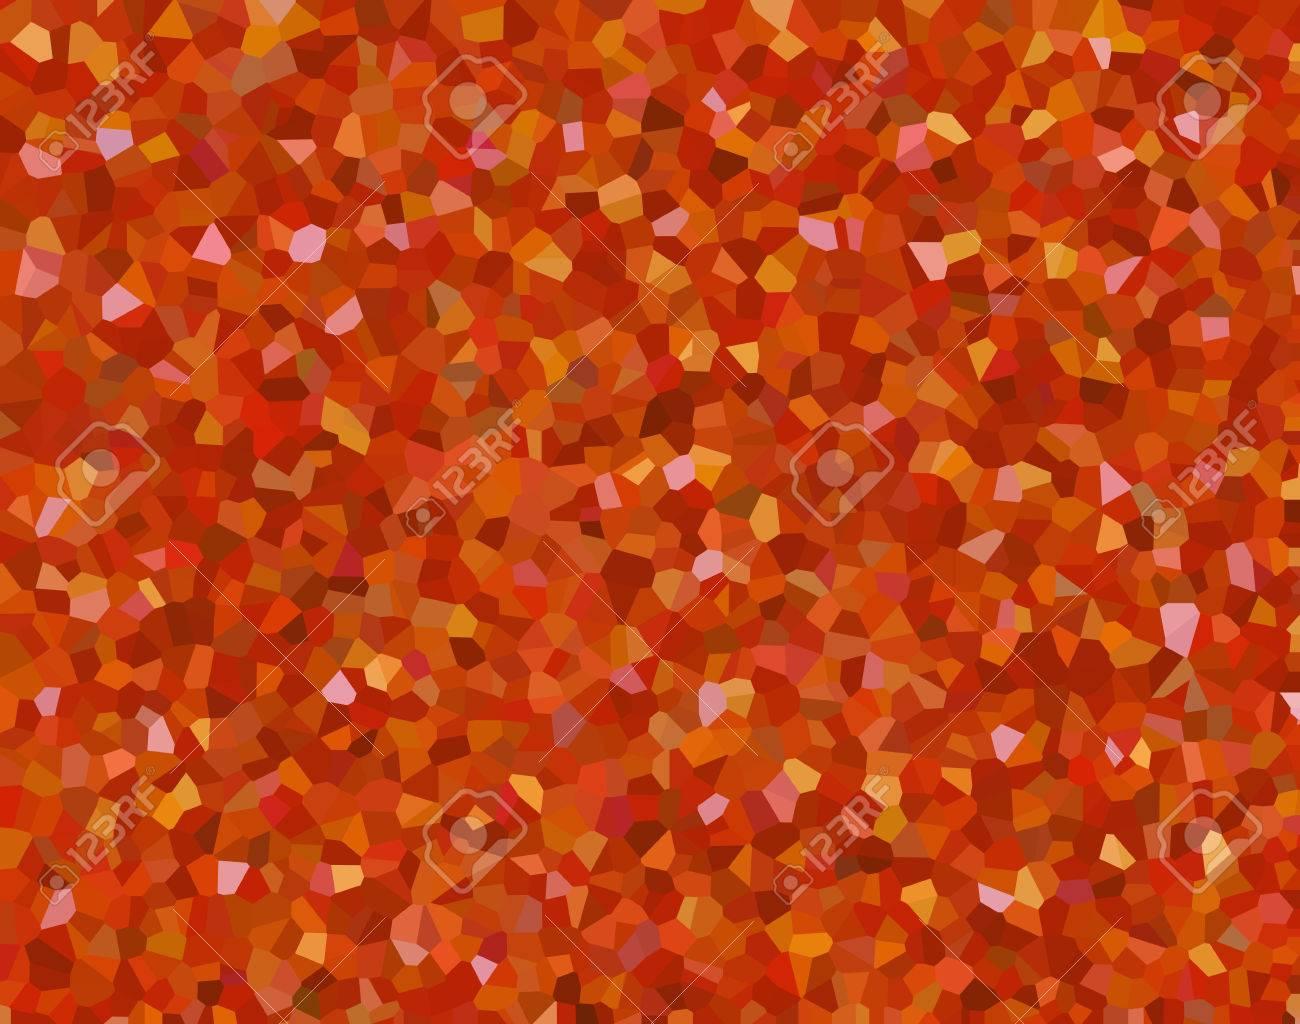 万華鏡のホーム画面の壁紙オレンジ色の光の背景でこぼこダイヤモンド砥